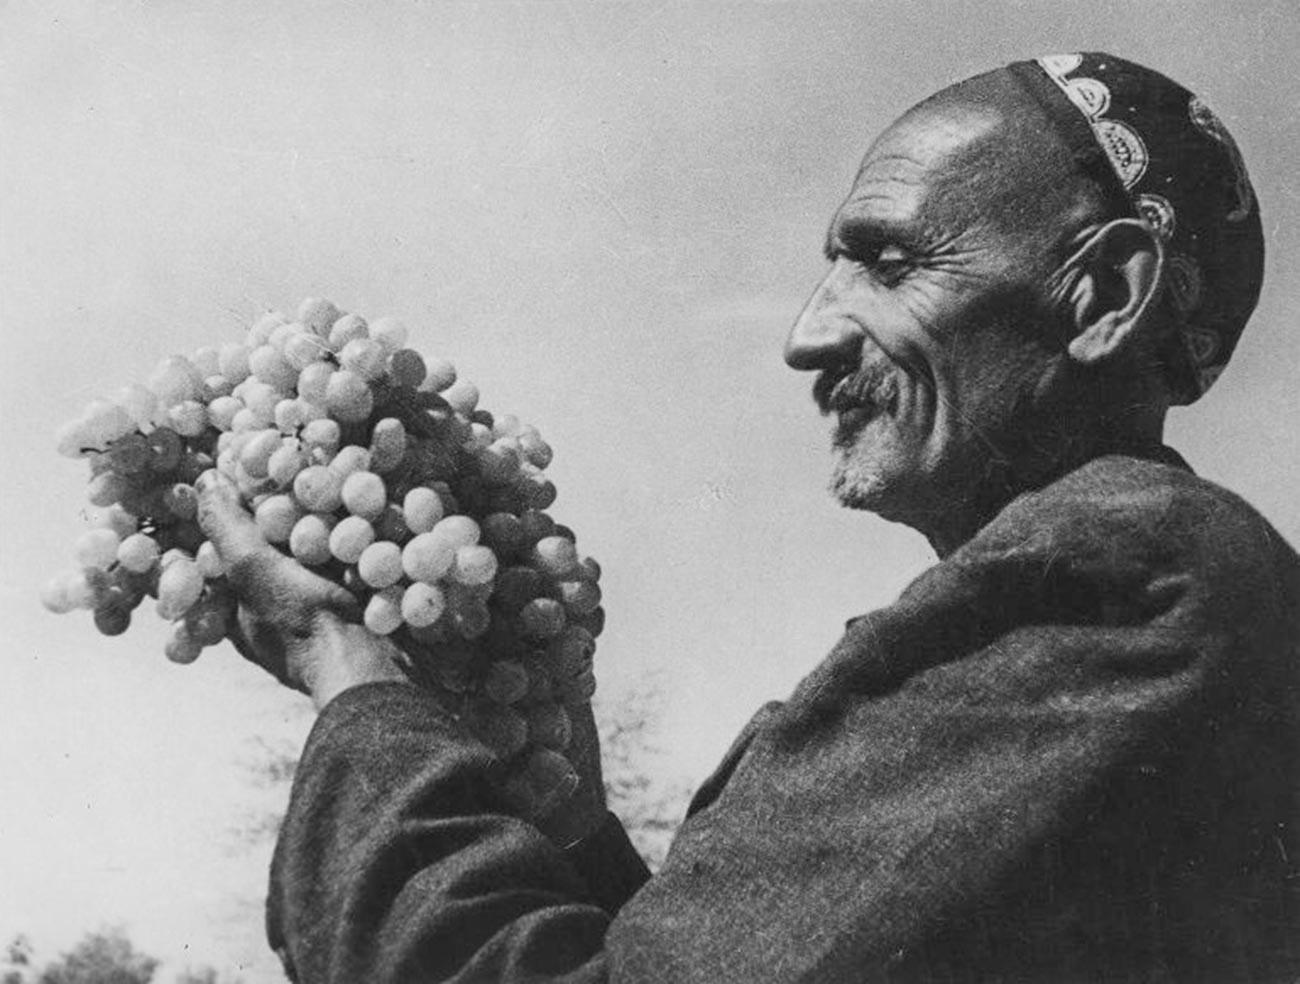 Usbekistans bester und dekorierter Winzer, Risamat Musamuchamedow, hat eine neue Rebsorte gezüchtet, 1939.